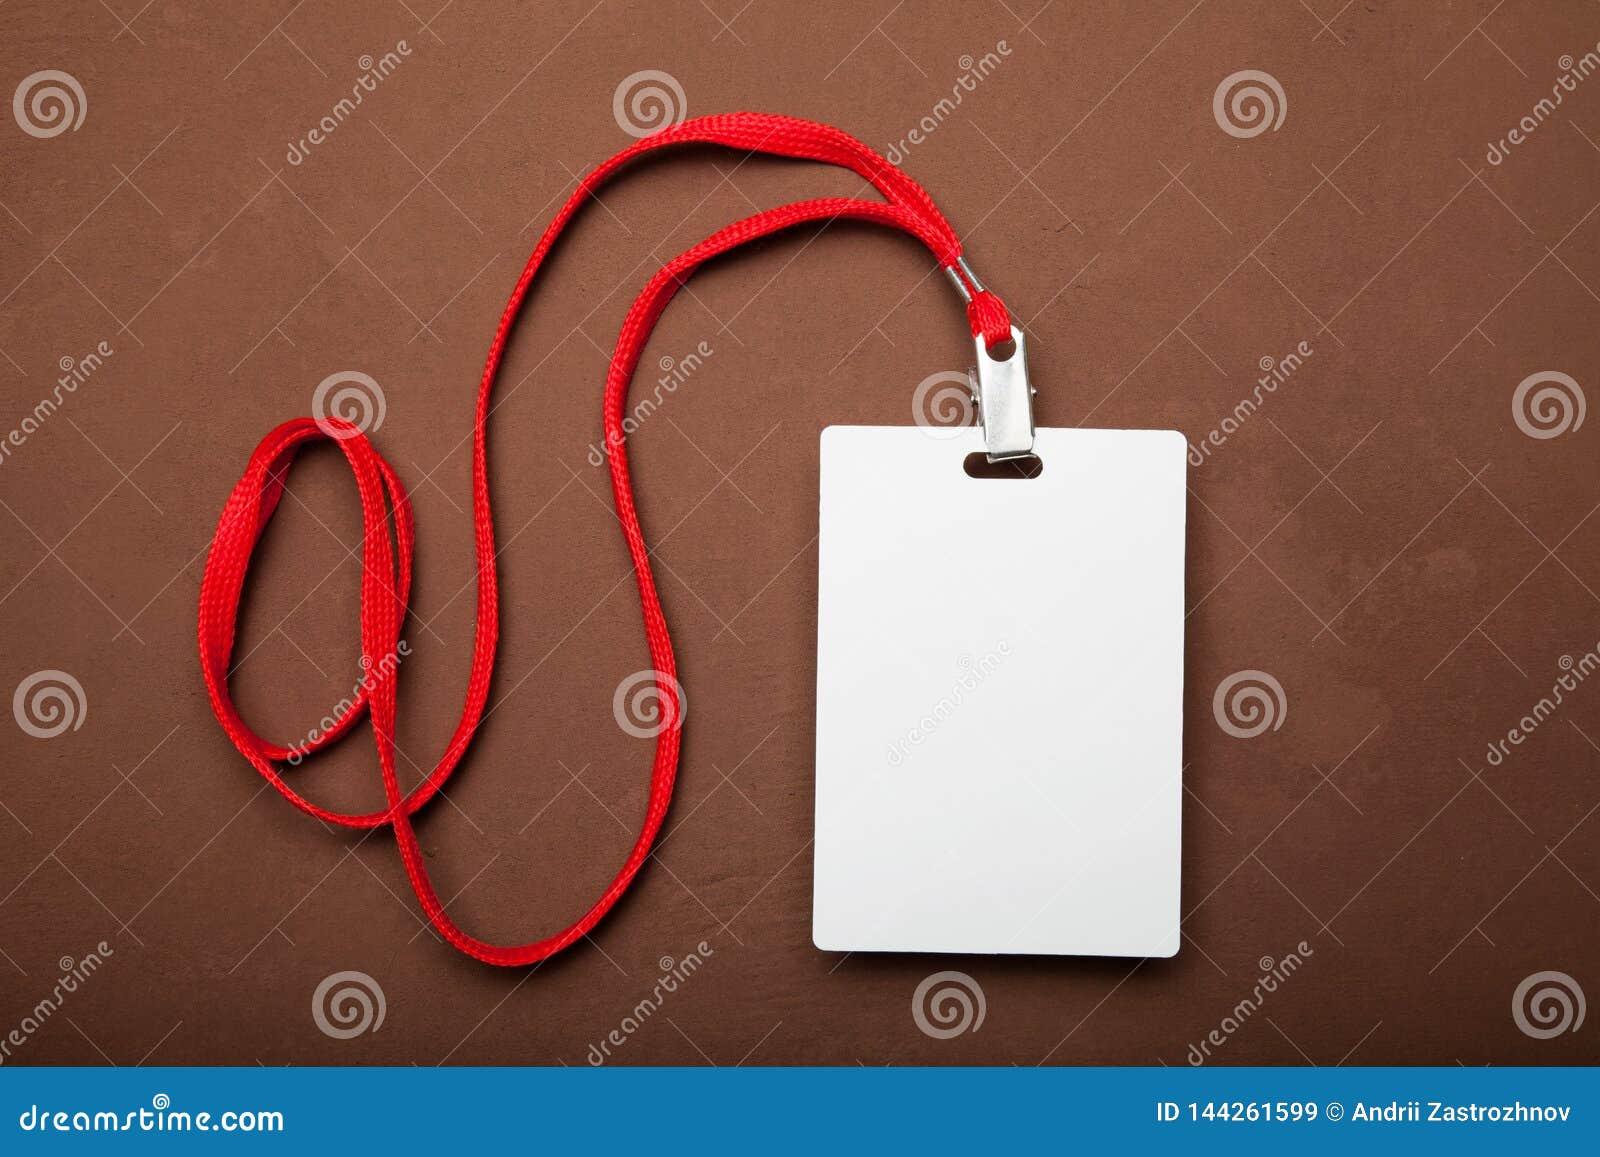 Wit Naamplaatje met rood Sleutelkoord